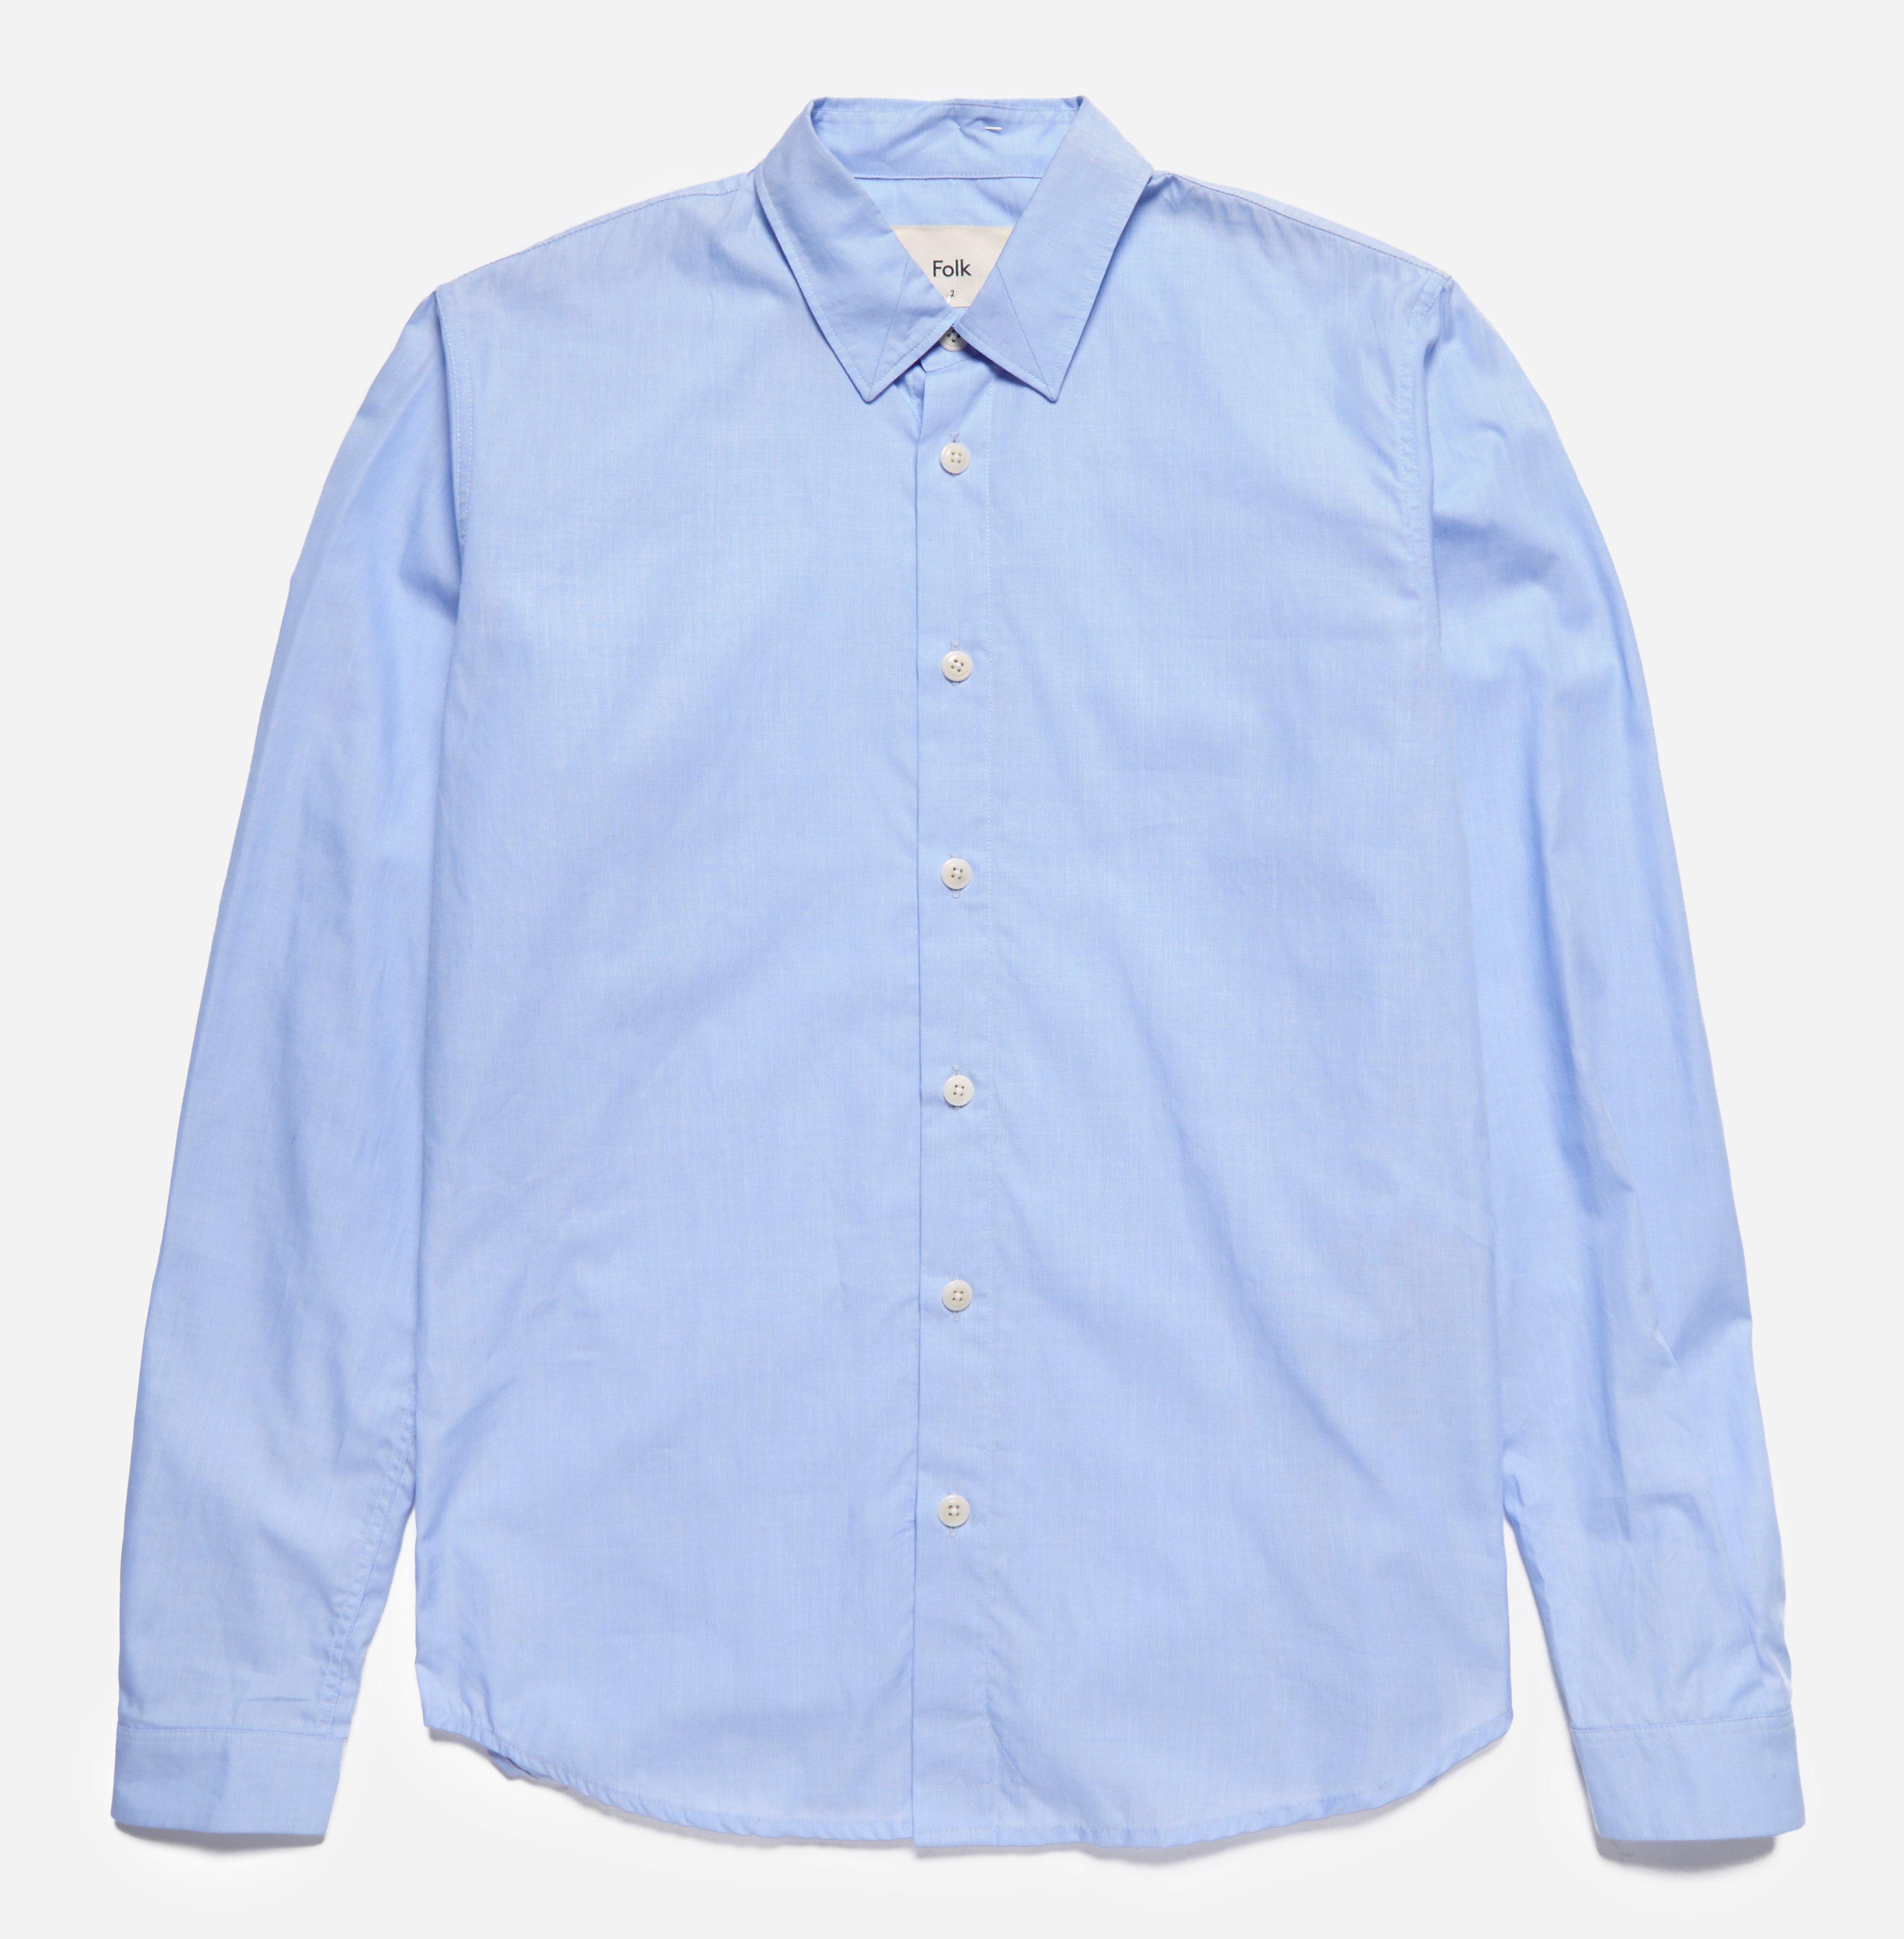 Folk Pyjama Shirt